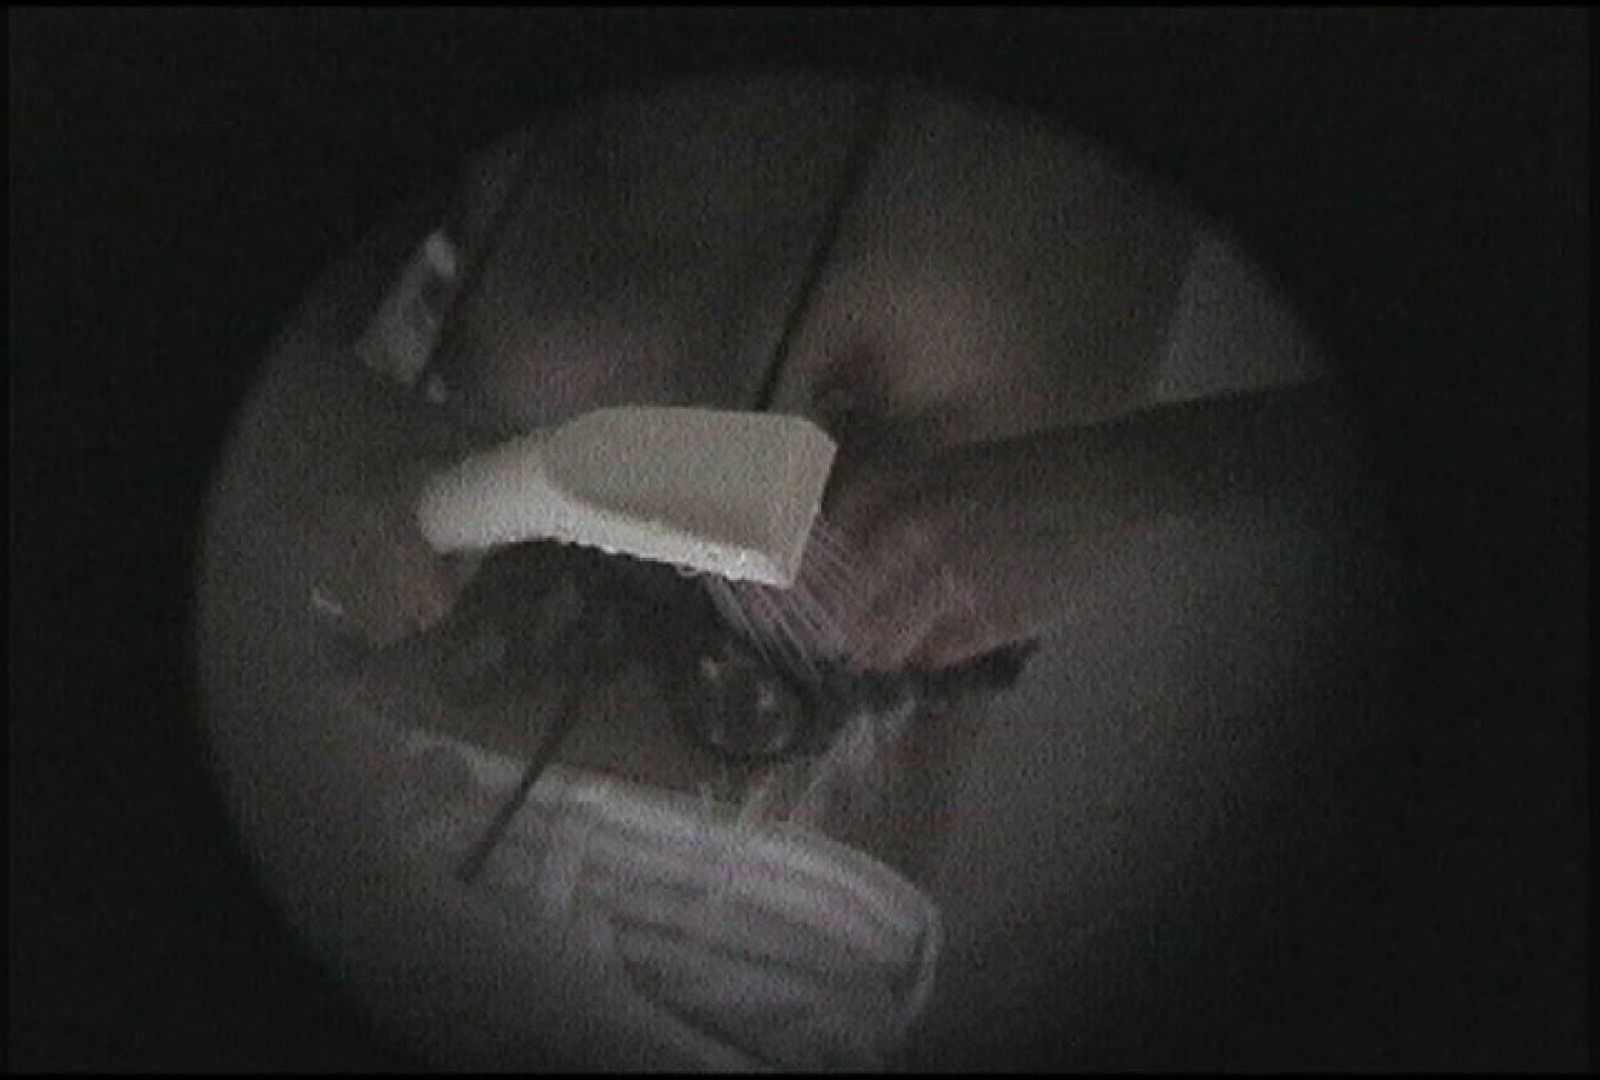 無修正エロ動画:No.124 暗いですが美人 垂れたおっぱいがそそります:怪盗ジョーカー